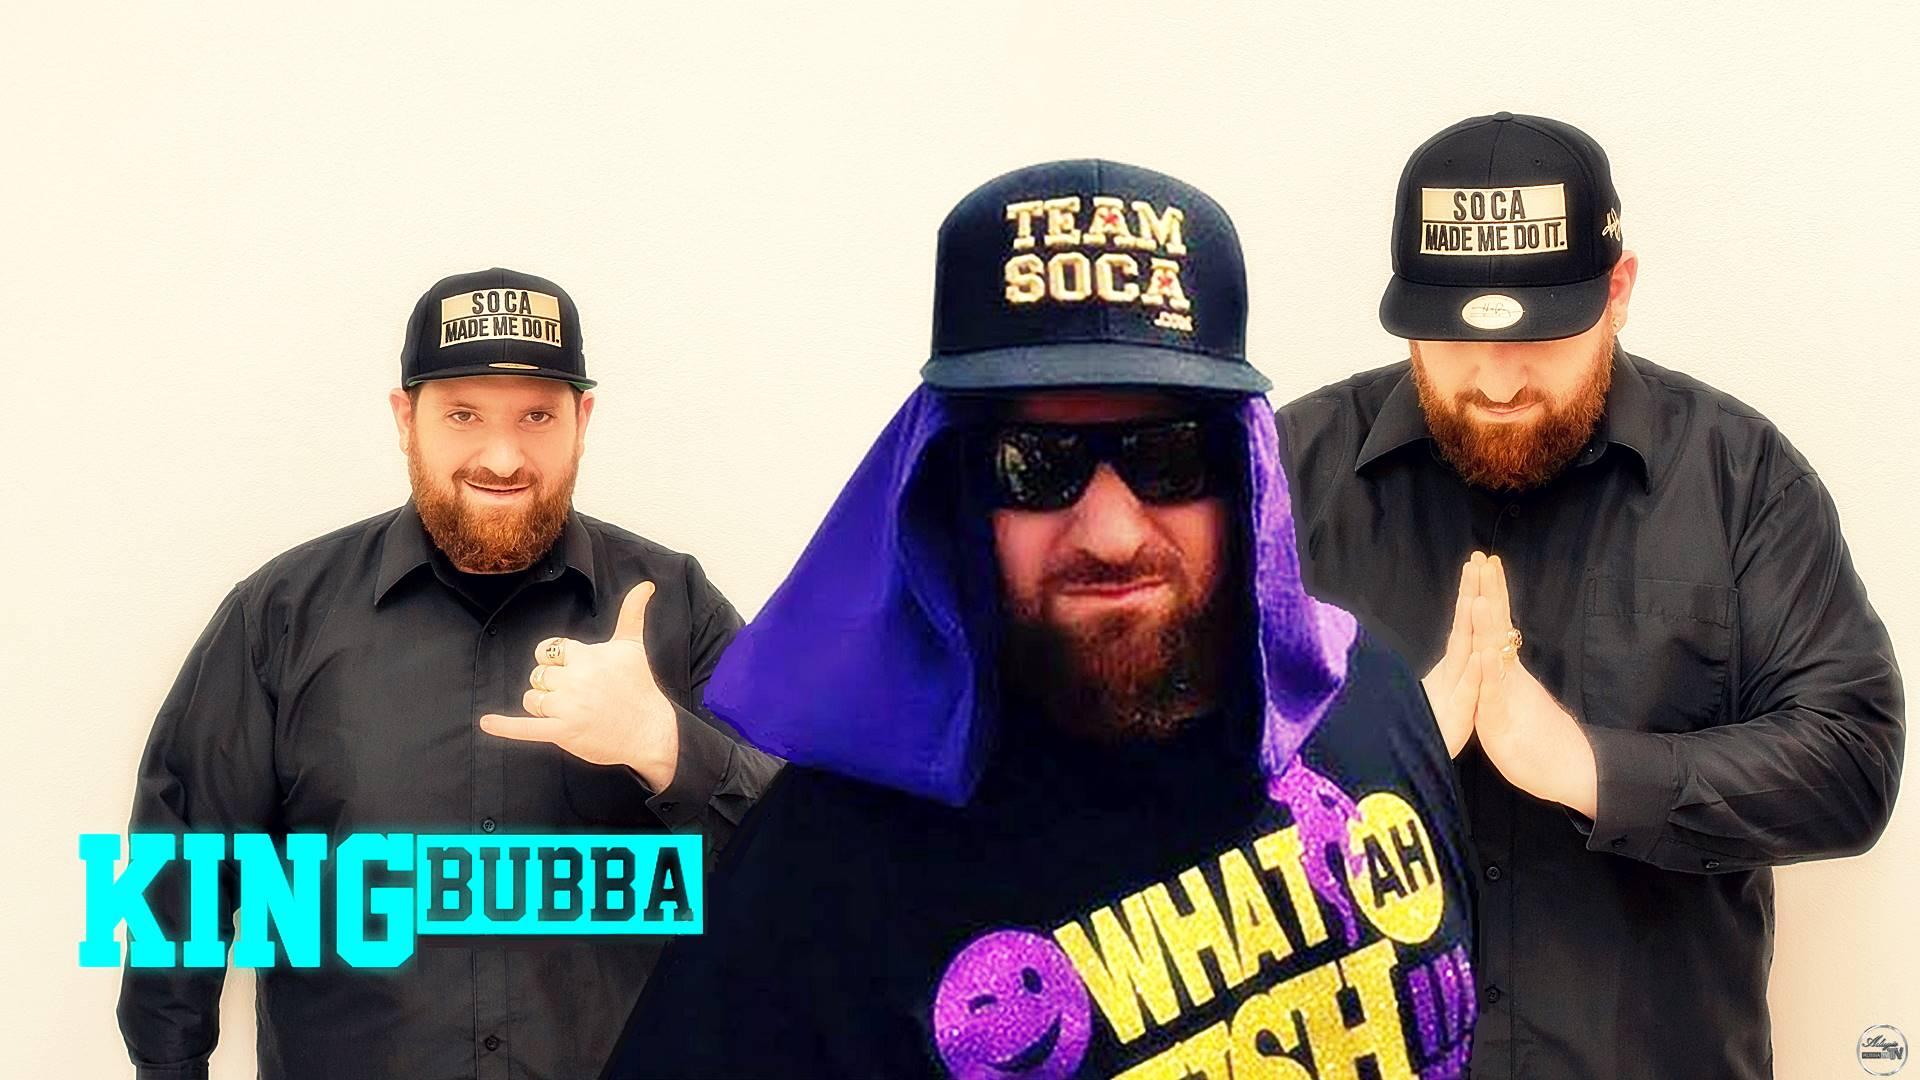 King Bubba